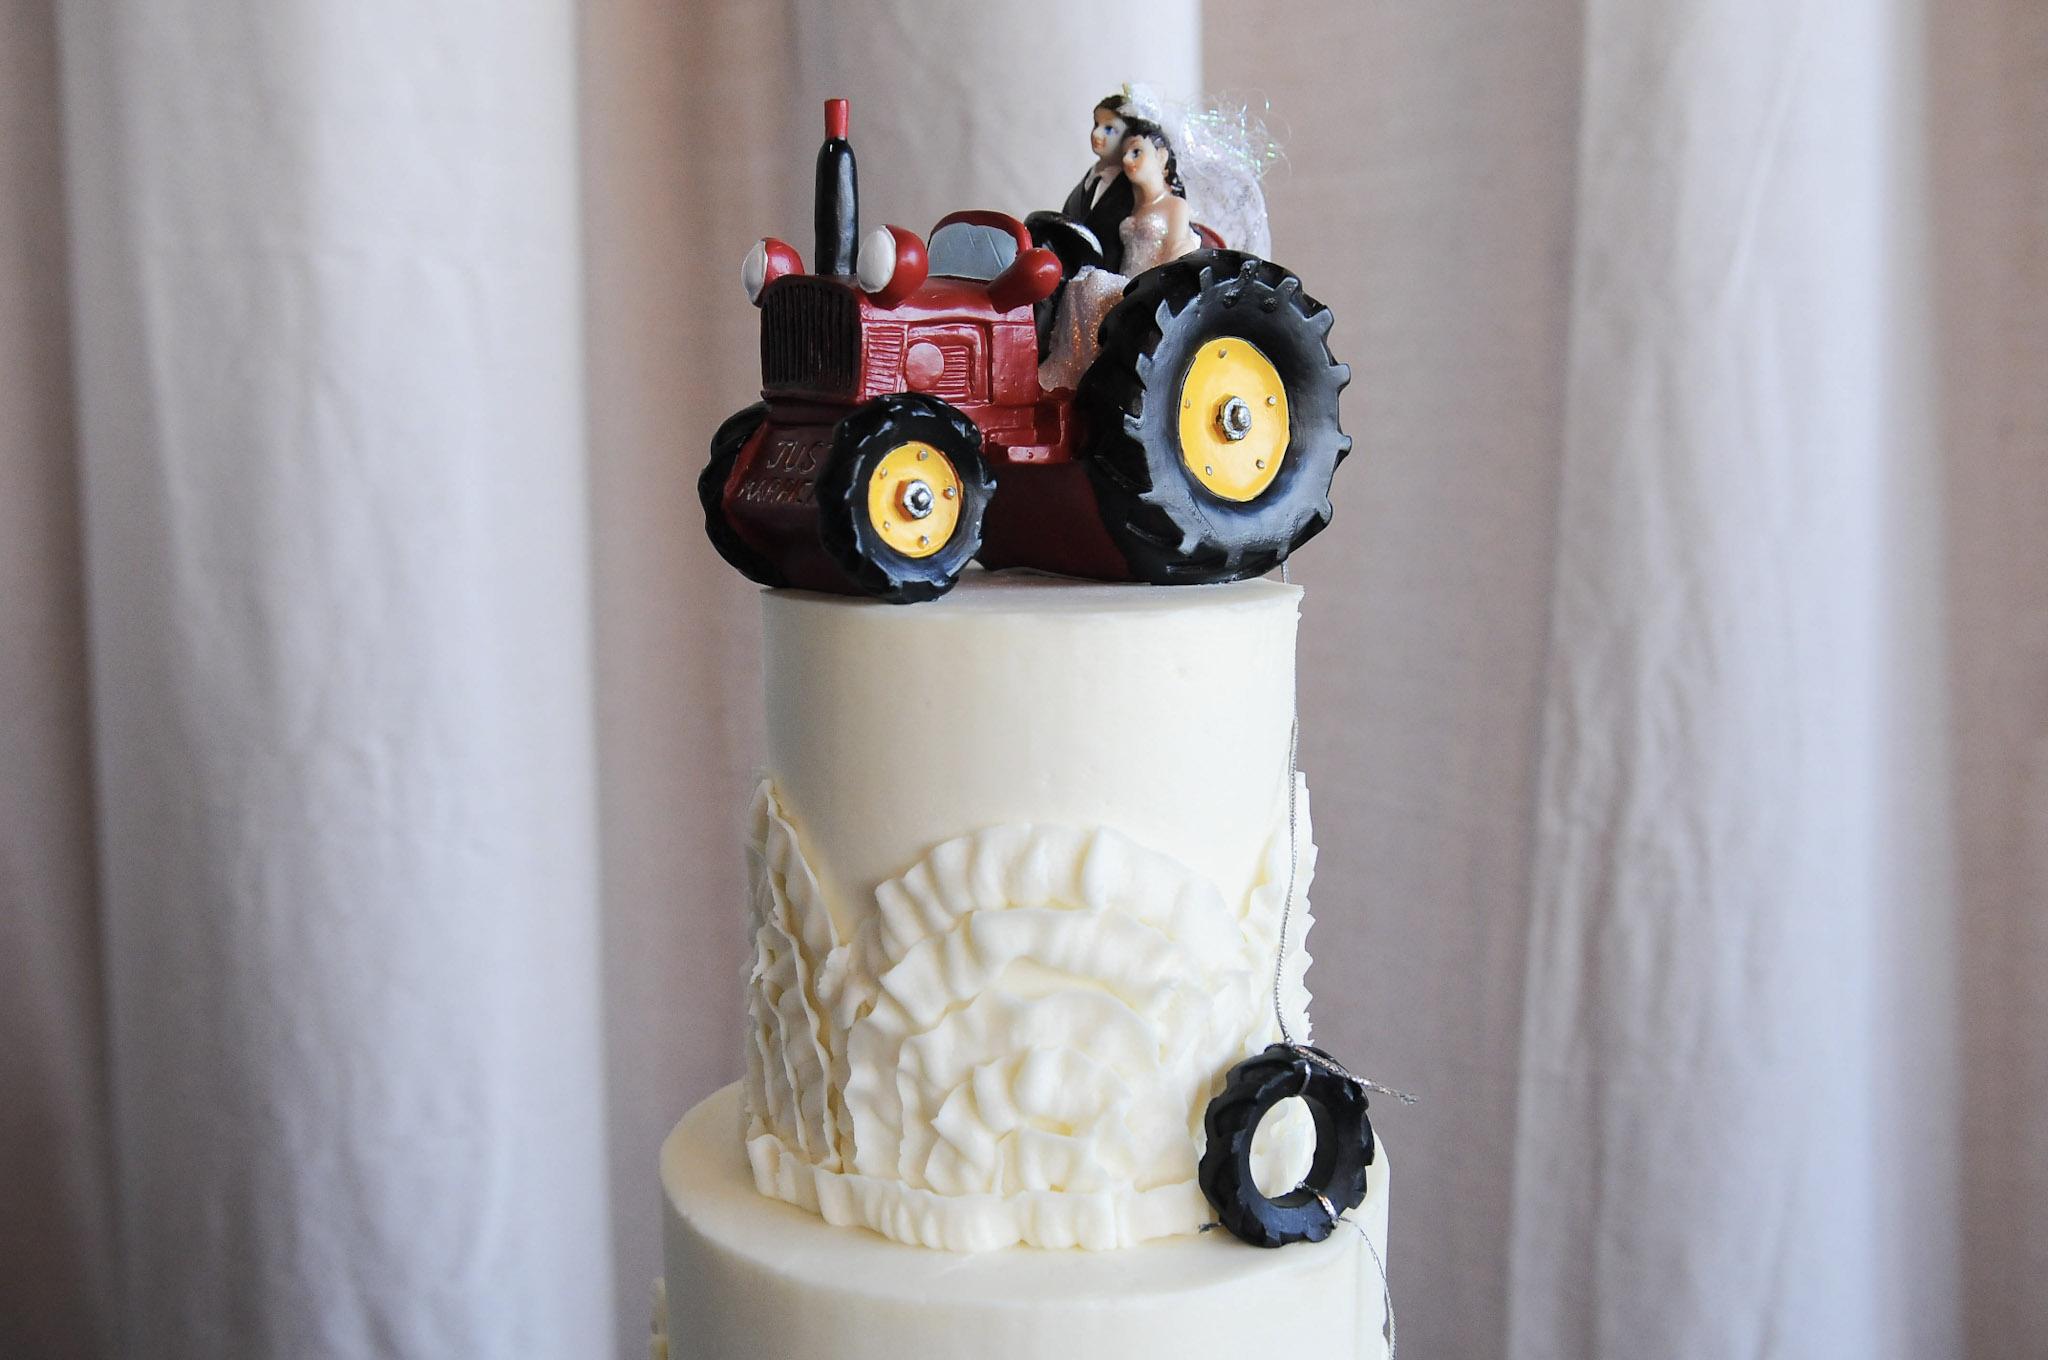 Kansas_City_Intimate_Small_Budget_Wedding_Venue_IMG_2386.jpg